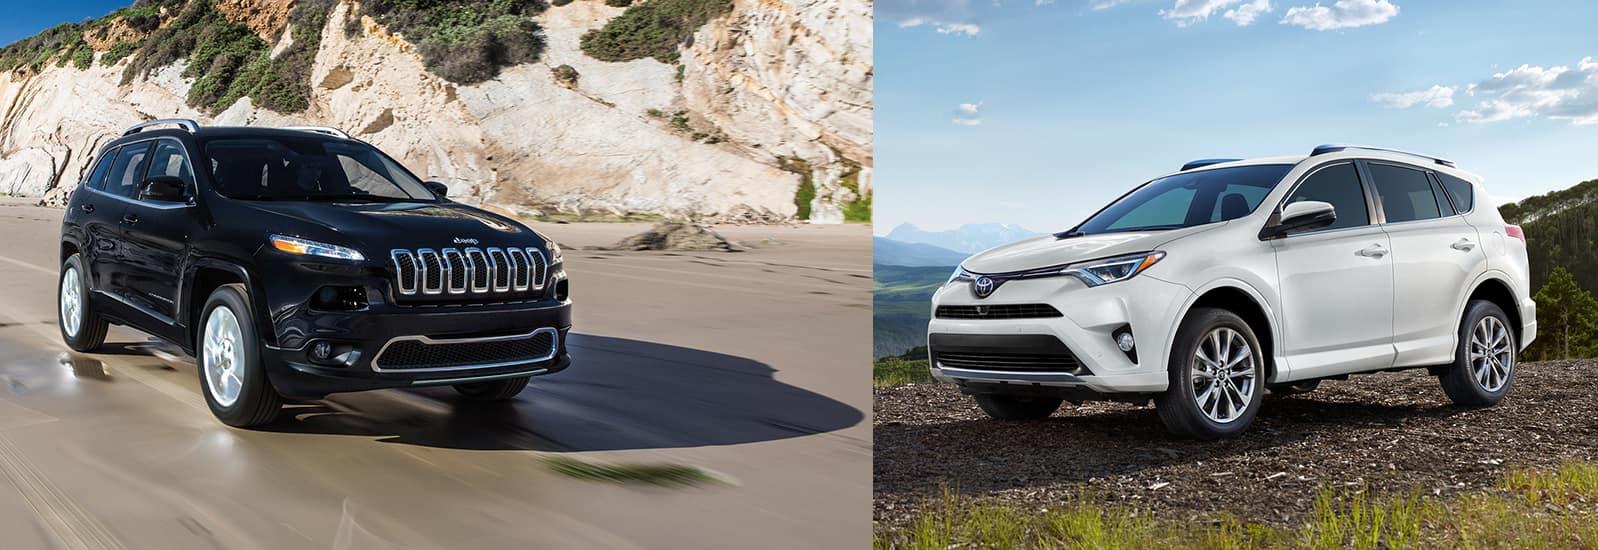 Kelebihan Kekurangan Toyota Jeep 2018 Harga